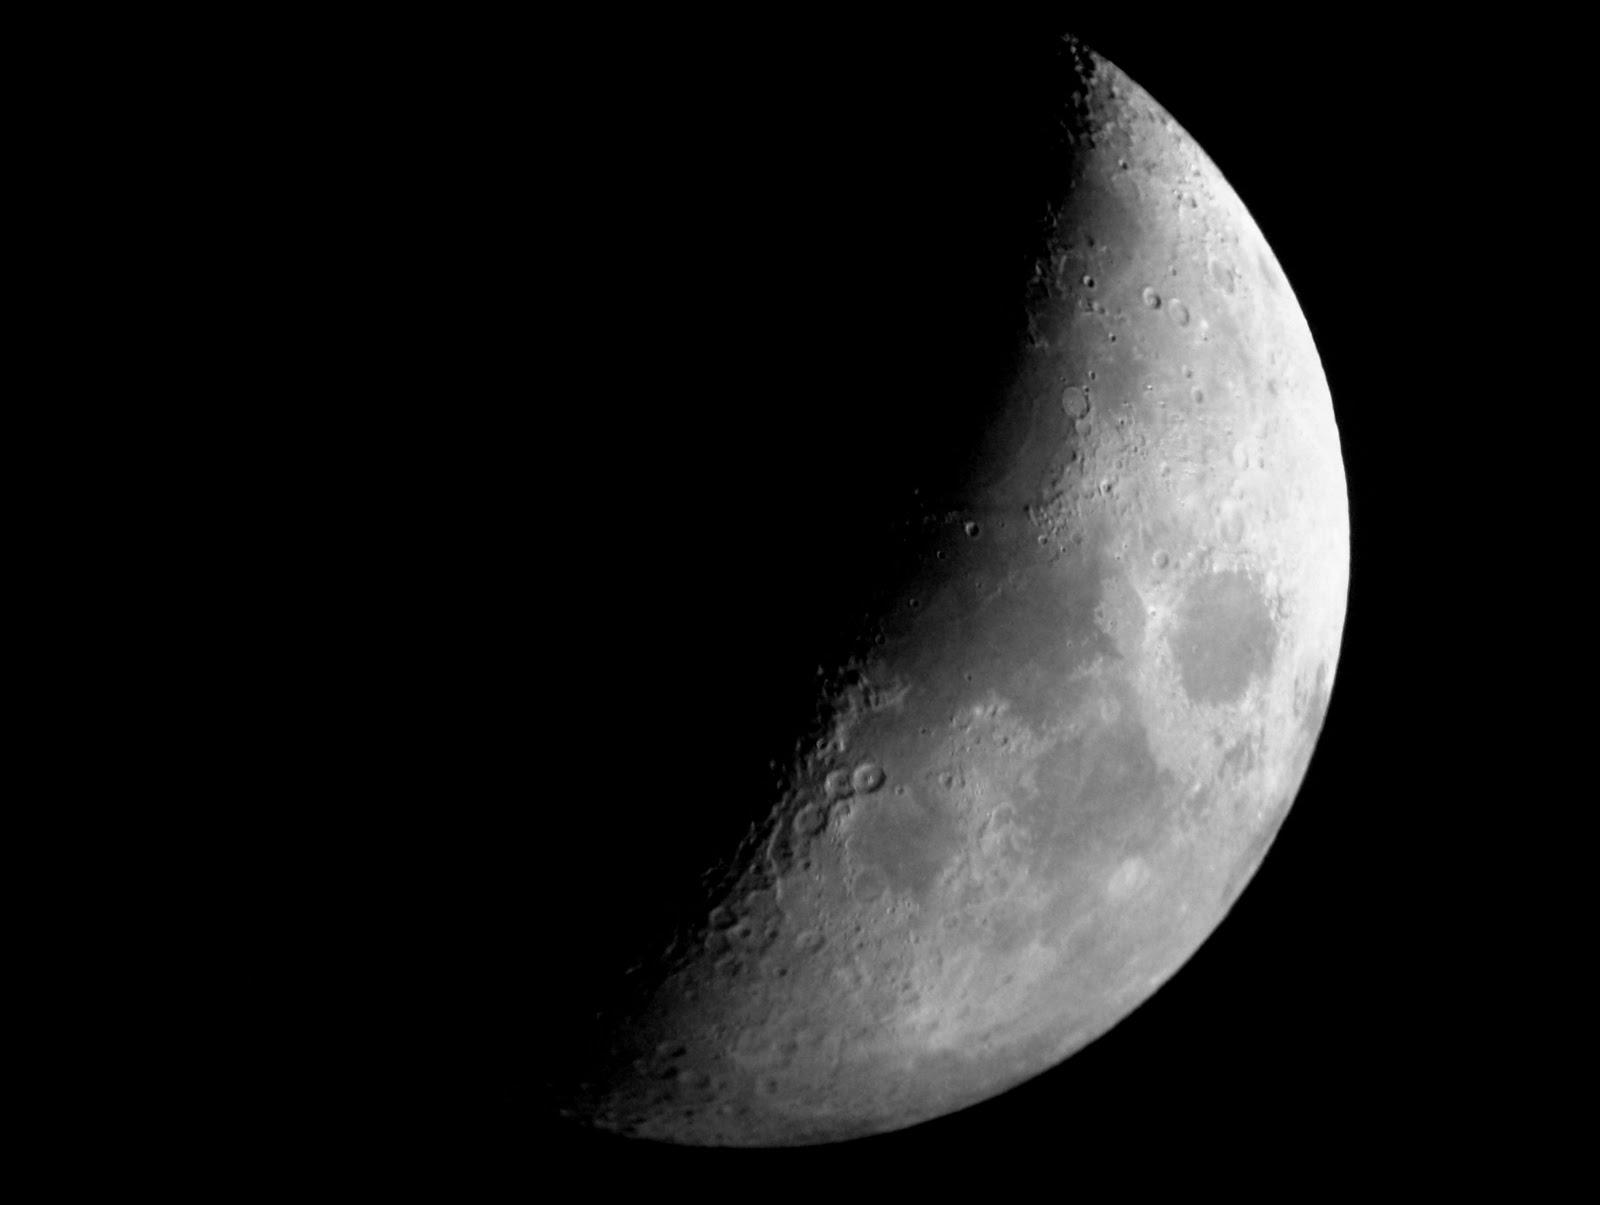 AstroFotoNoticiasGranCanaria: Luna en cuarto creciente